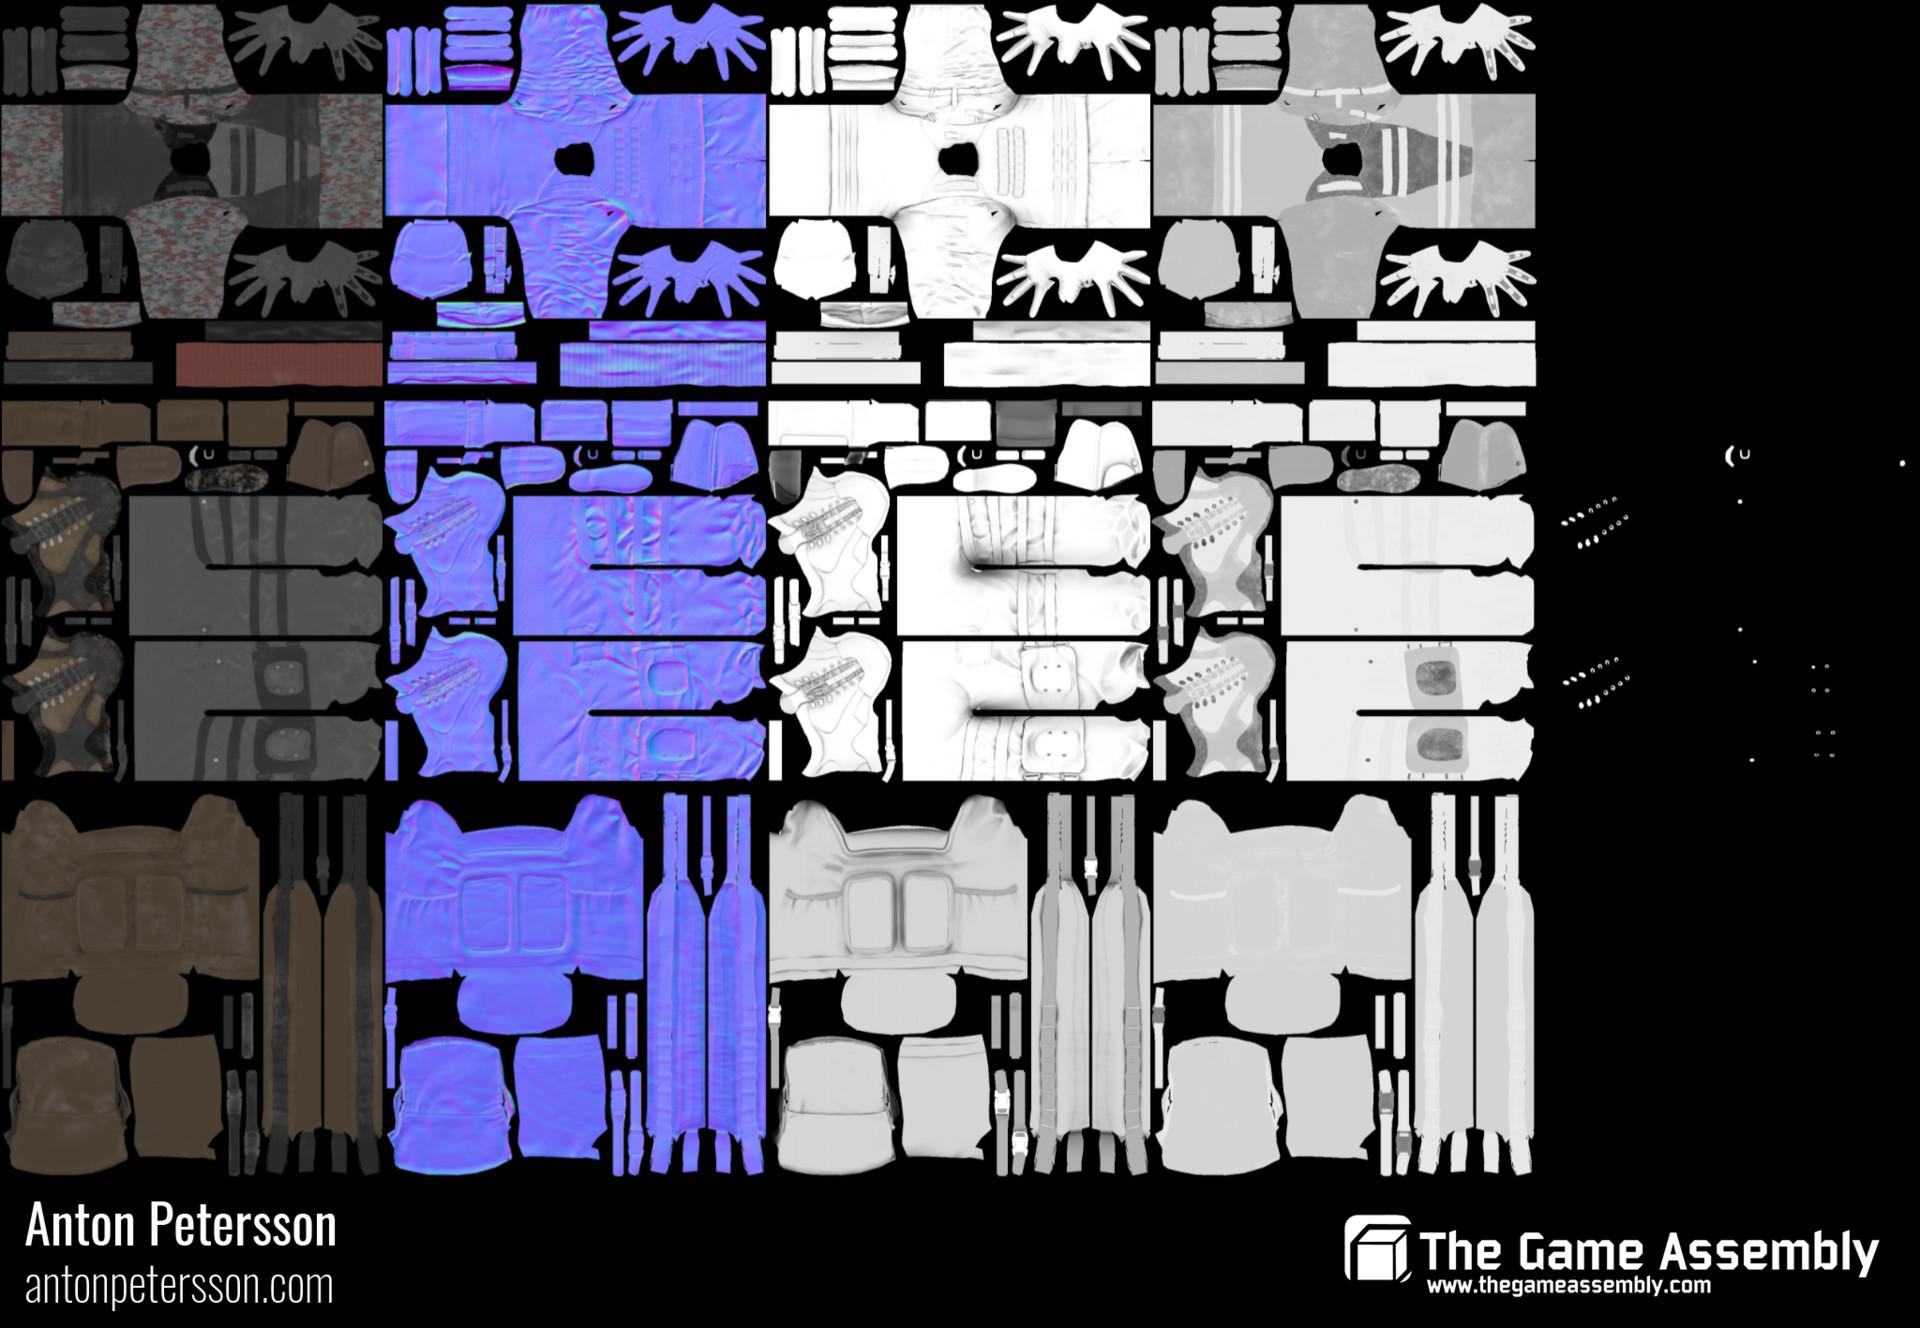 2048x2048 textures